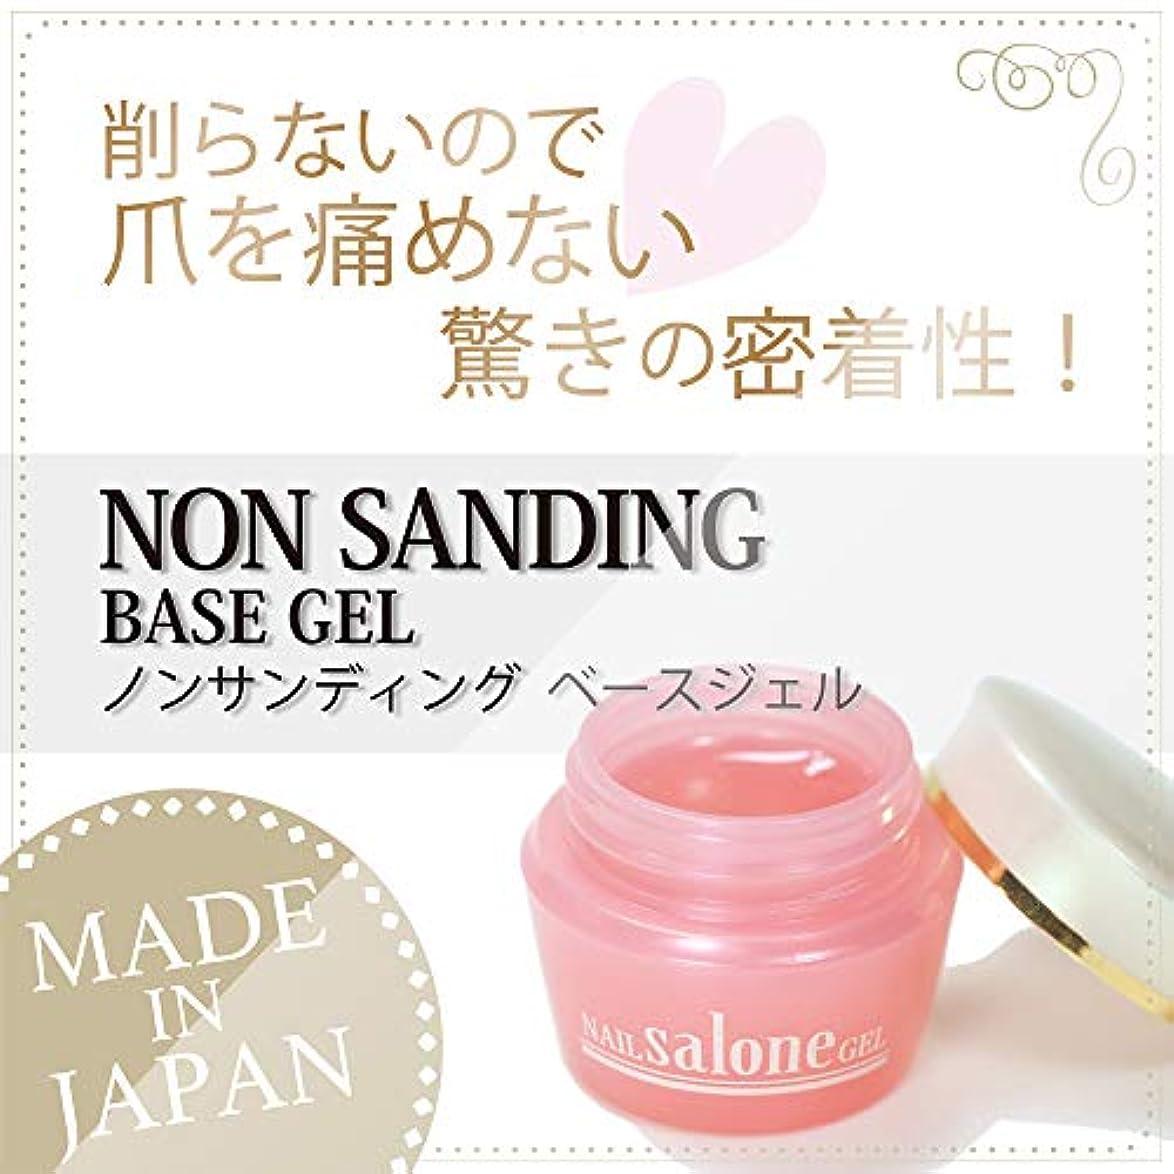 Salone gel サローネノンサンディング ベースジェル 削らないので爪に優しい 抜群の密着力 リムーバーでオフも簡単 3g